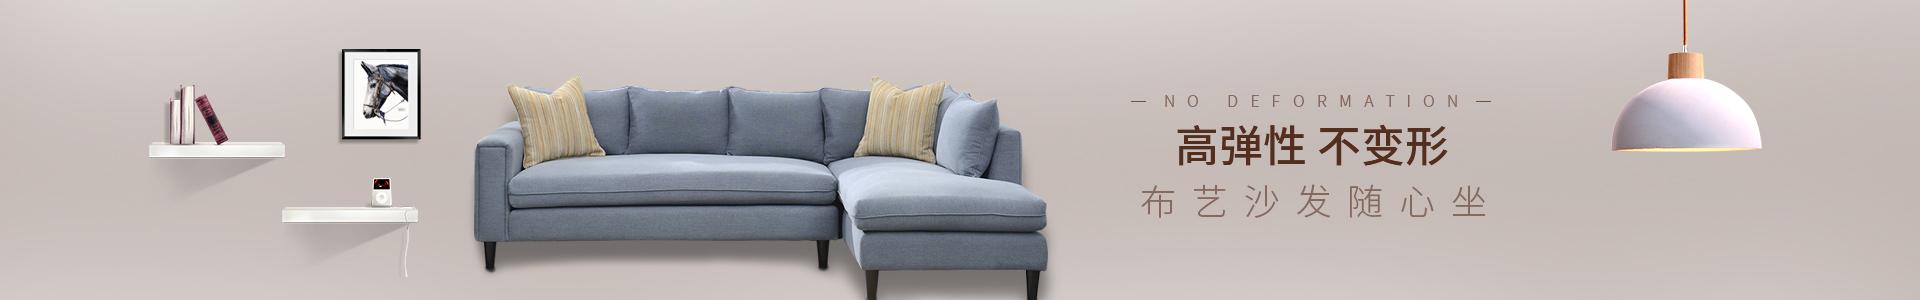 布艺沙发-高弹性不变形